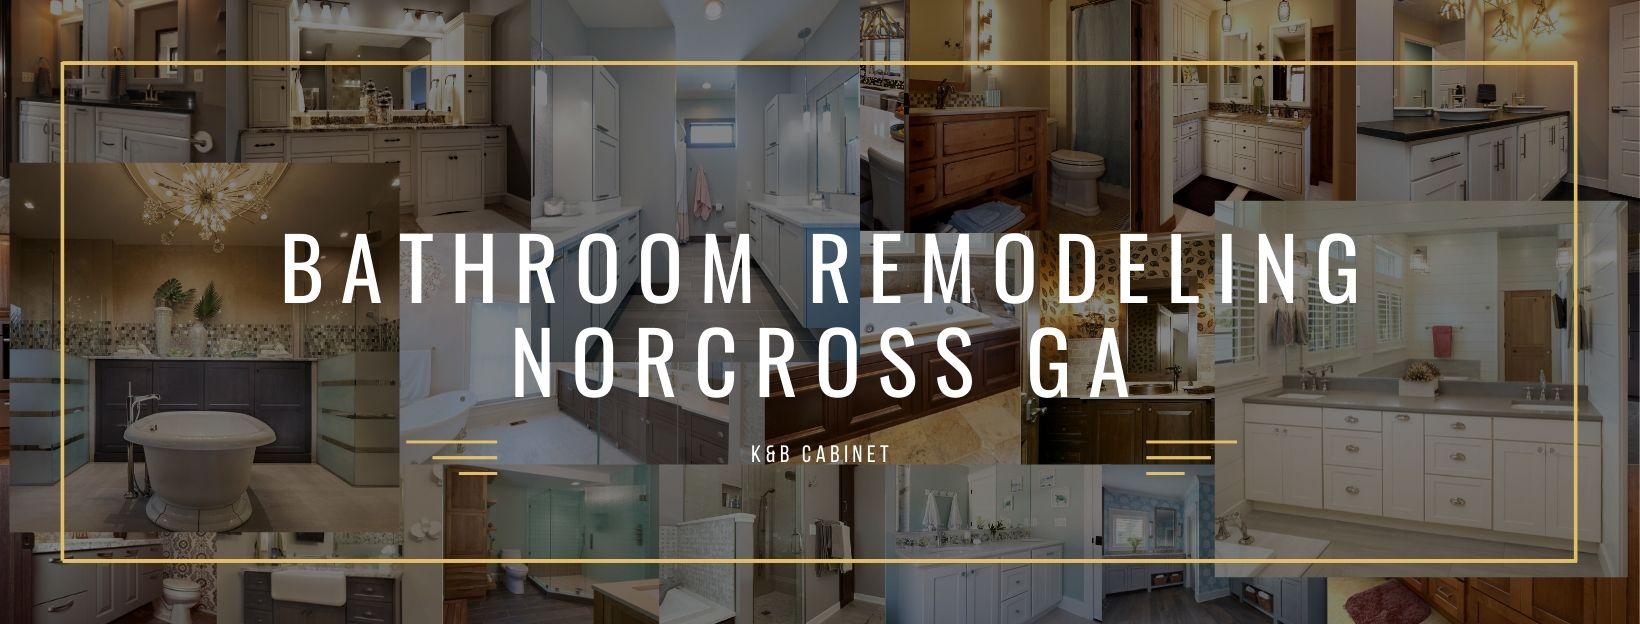 Bathroom Remodeling Norcross GA